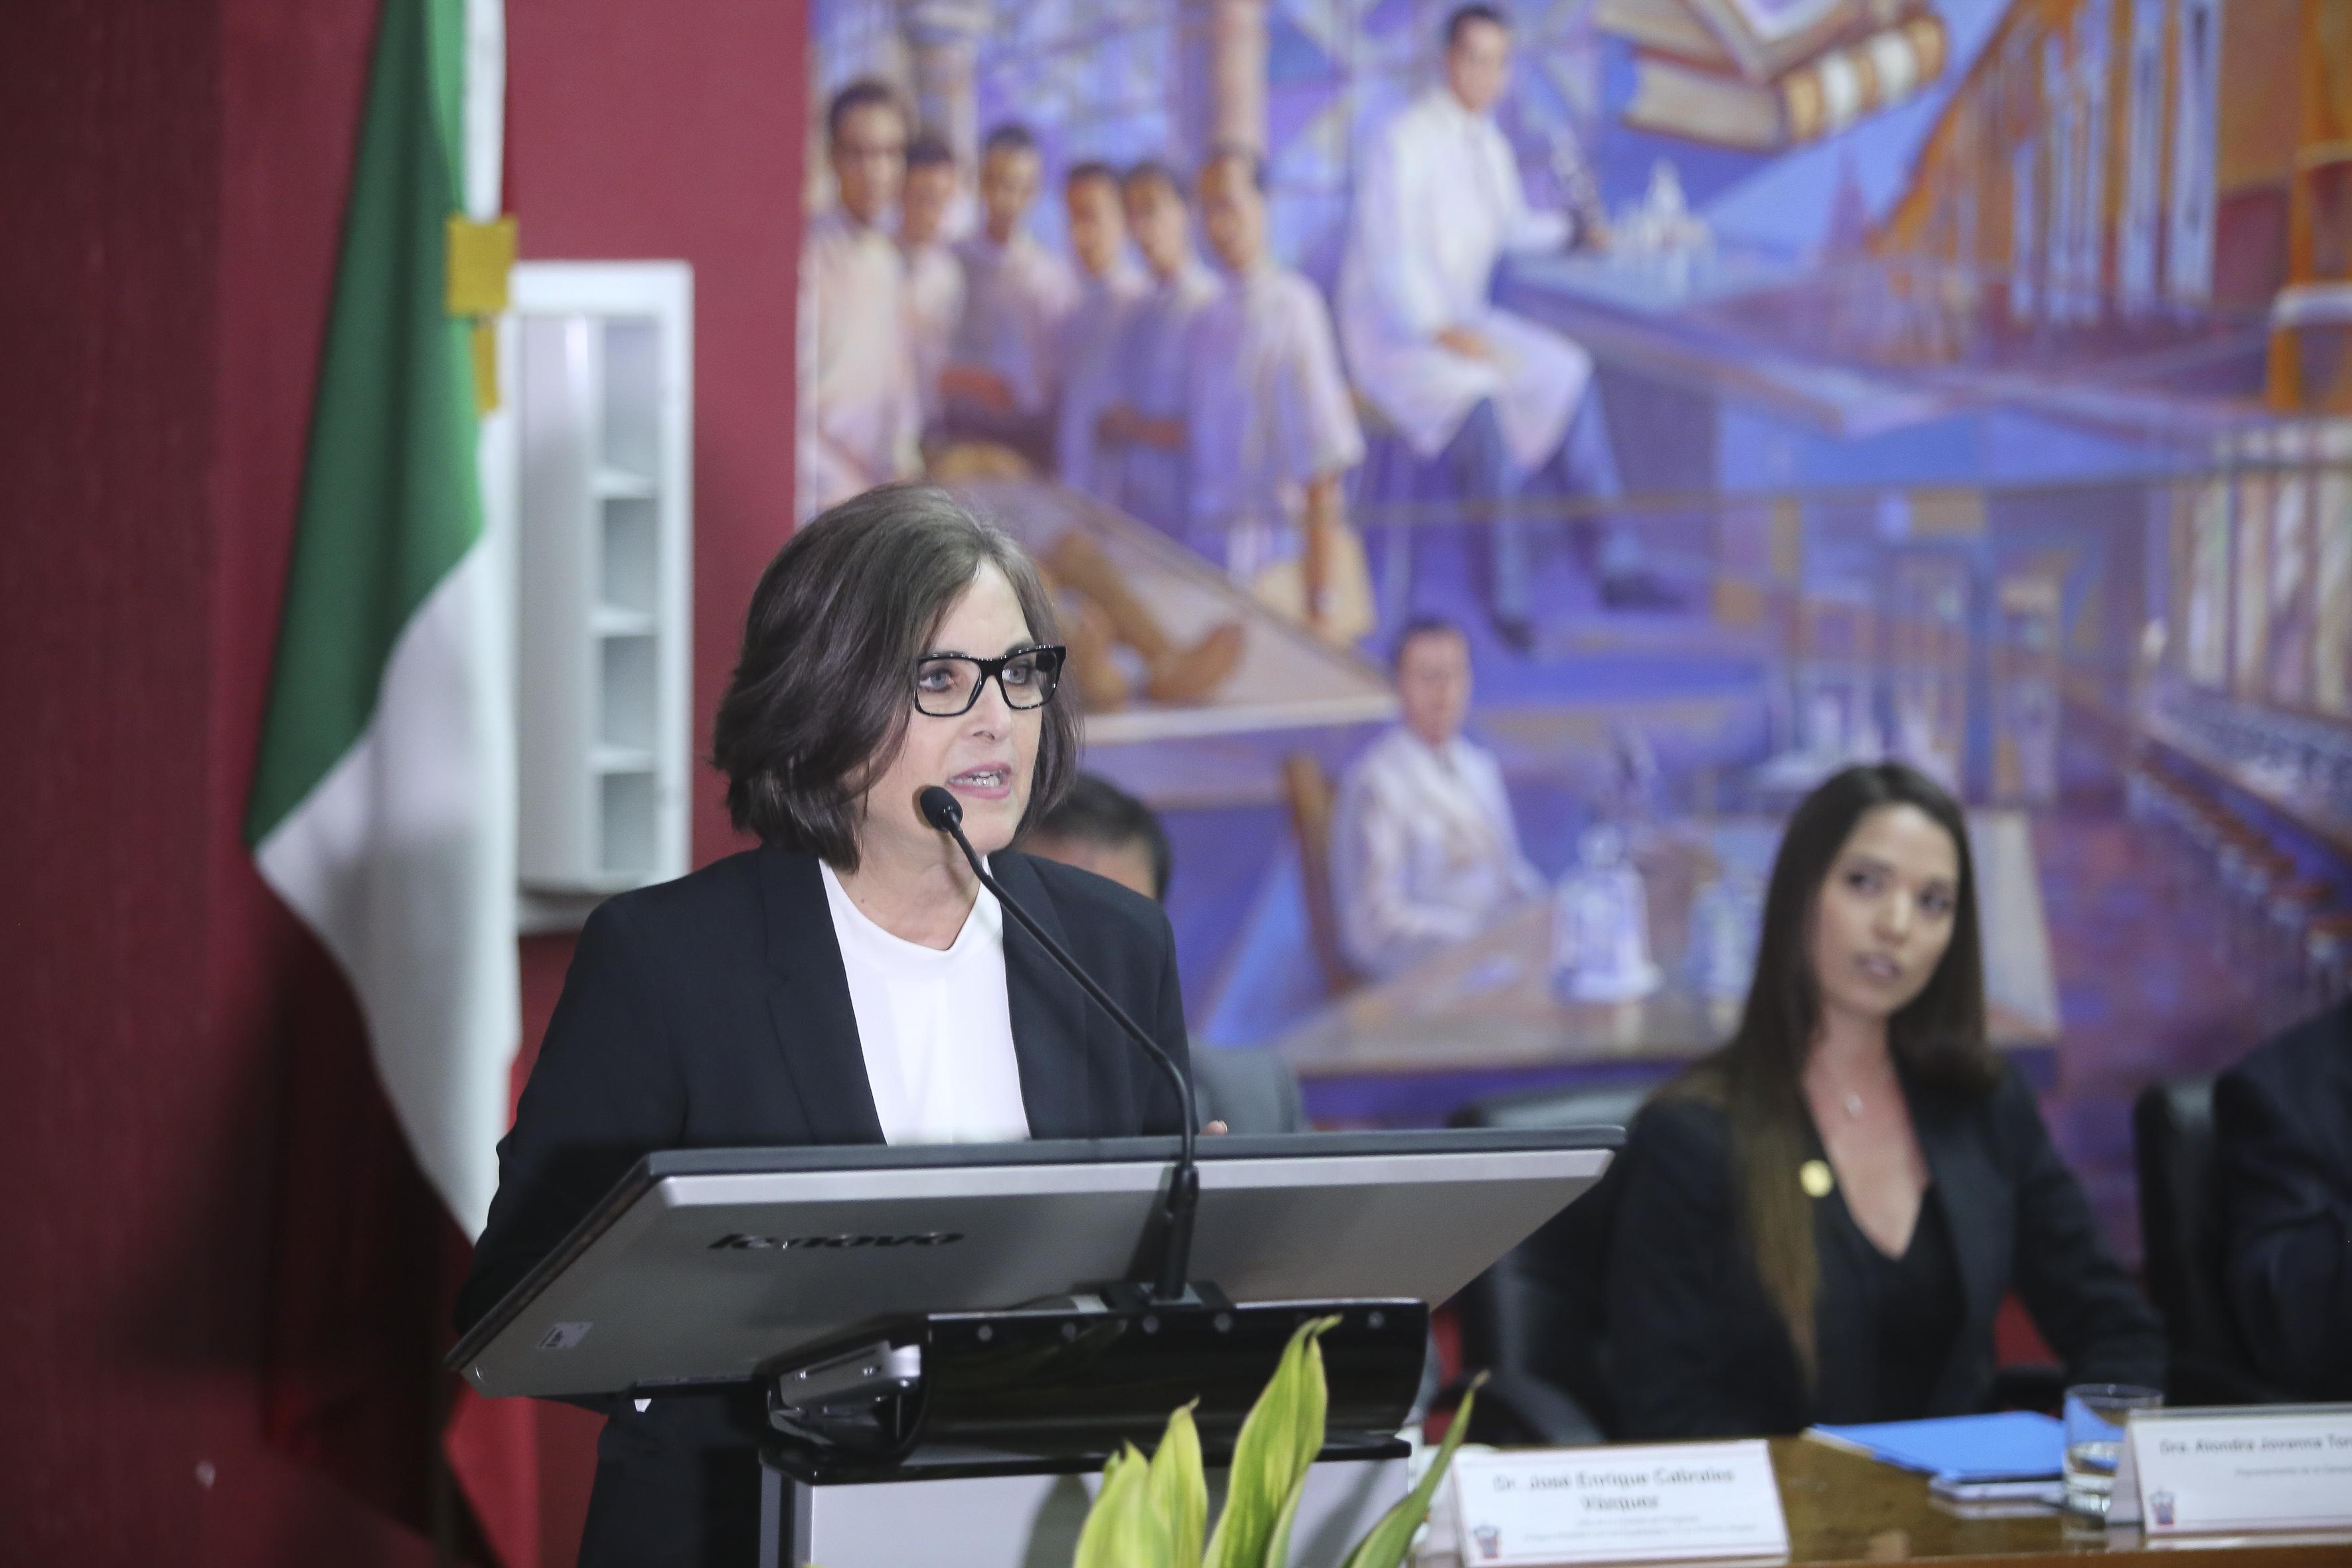 Madrina de la generación al micrófono en el podium